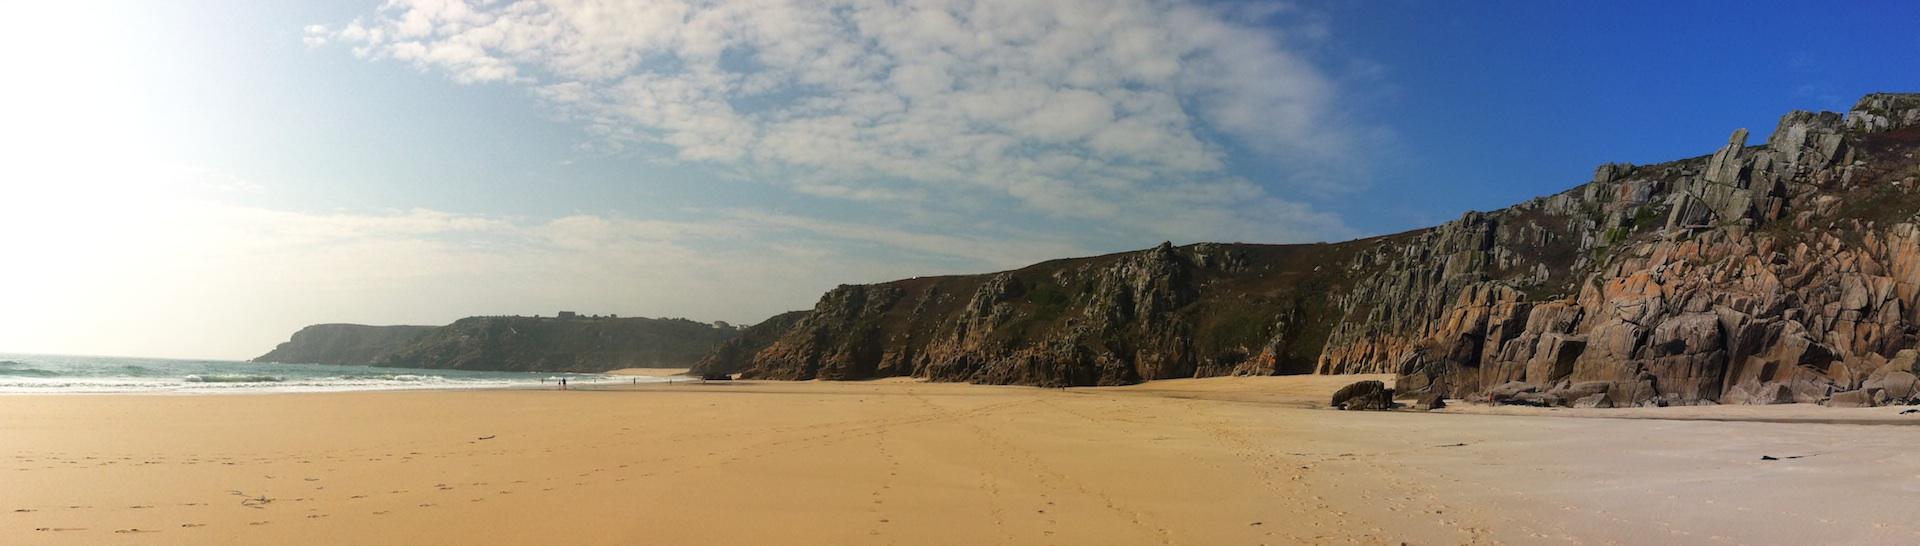 A Cornish Beach